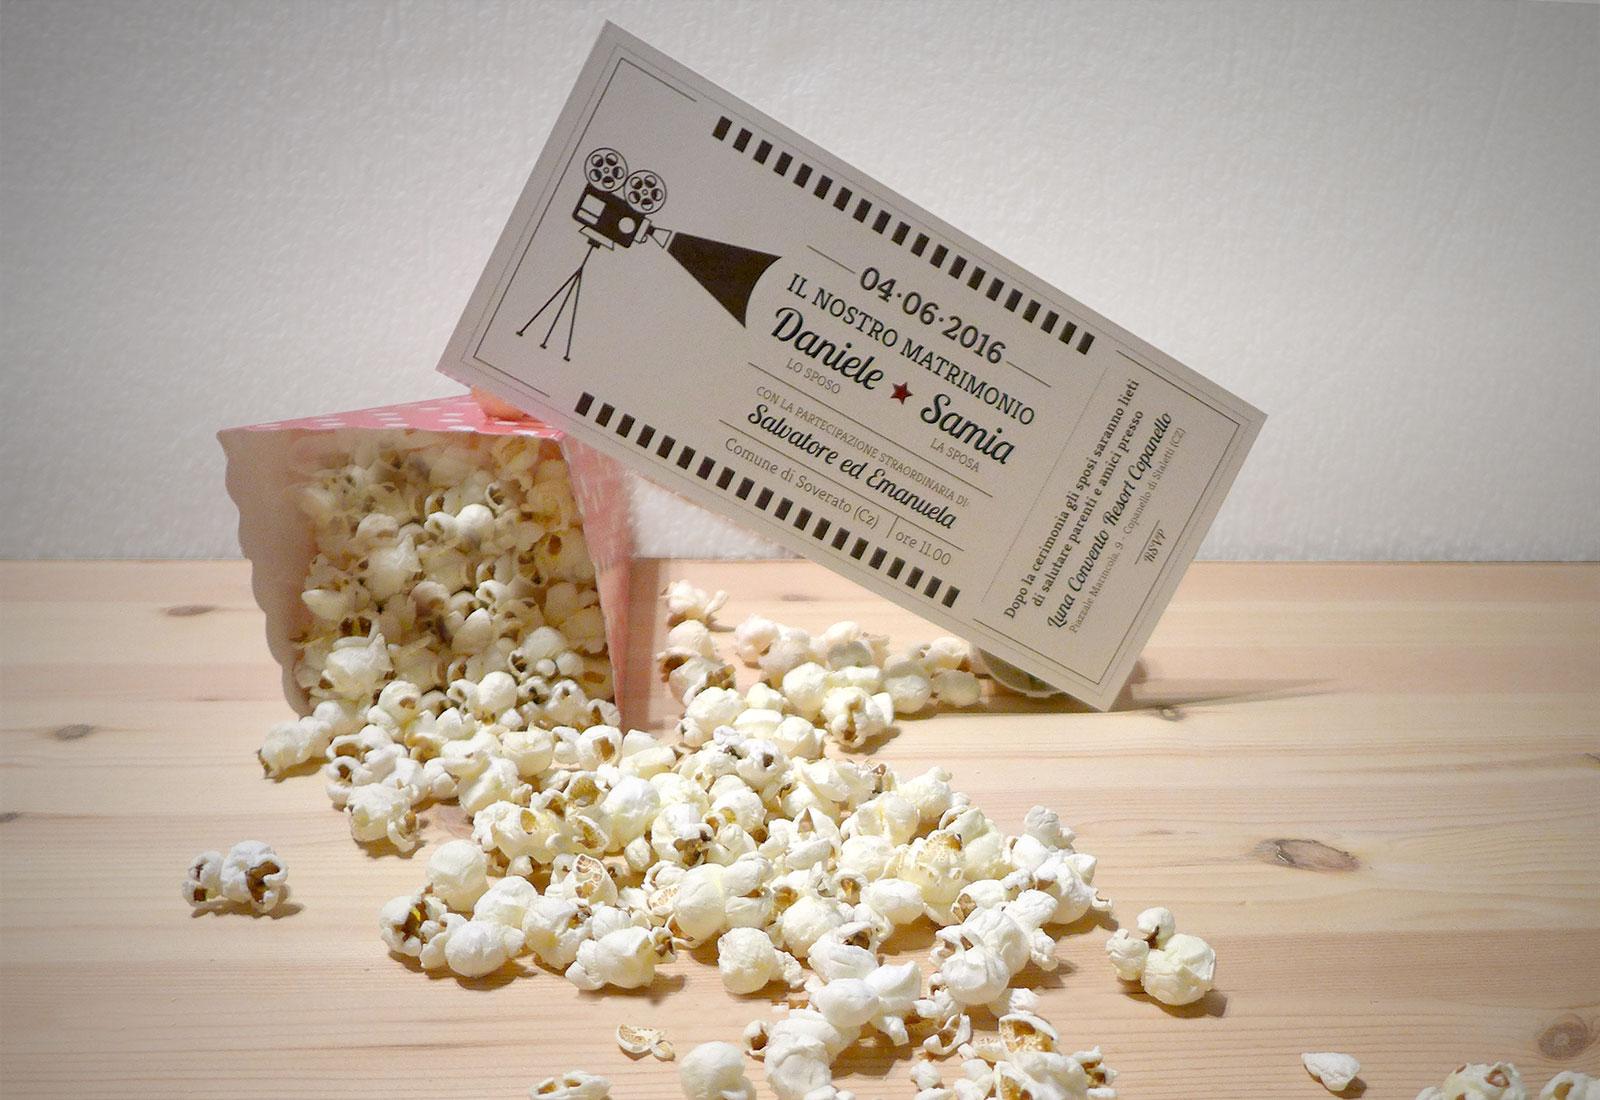 Matrimonio Tema Cinema : Le partecipazioni di matrimonio biglietto del cinema di stefano